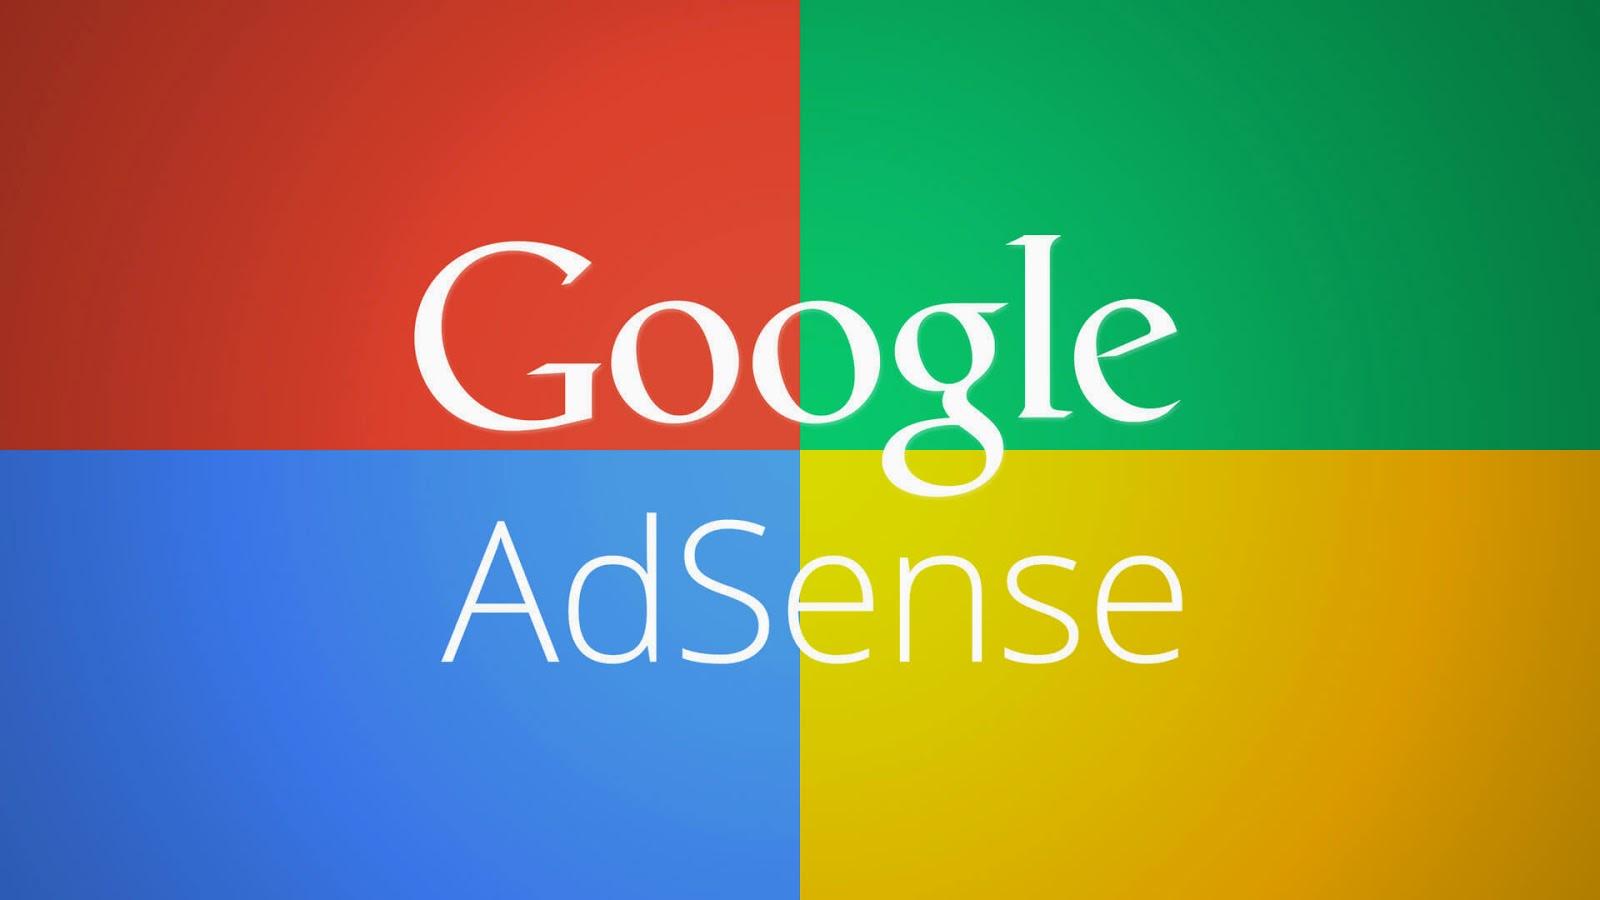 Pendapatan Google AdSense Anda Turun? 5 Langkah Mengatasinya